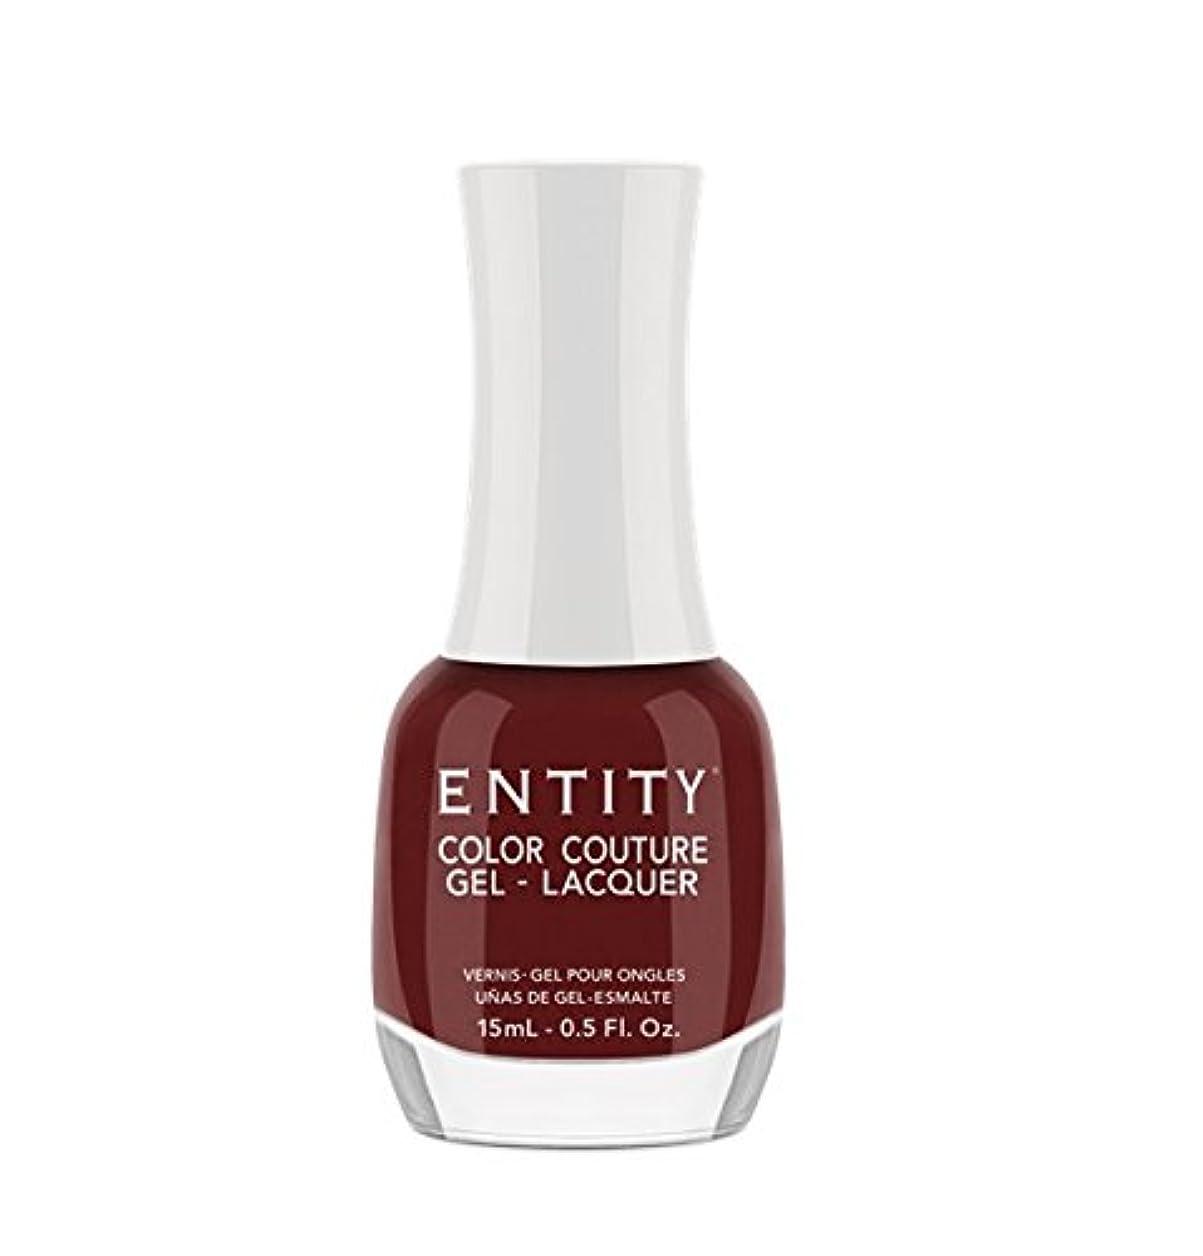 構成員作動する自己尊重Entity Color Couture Gel-Lacquer - Seize the Moment - 15 ml/0.5 oz